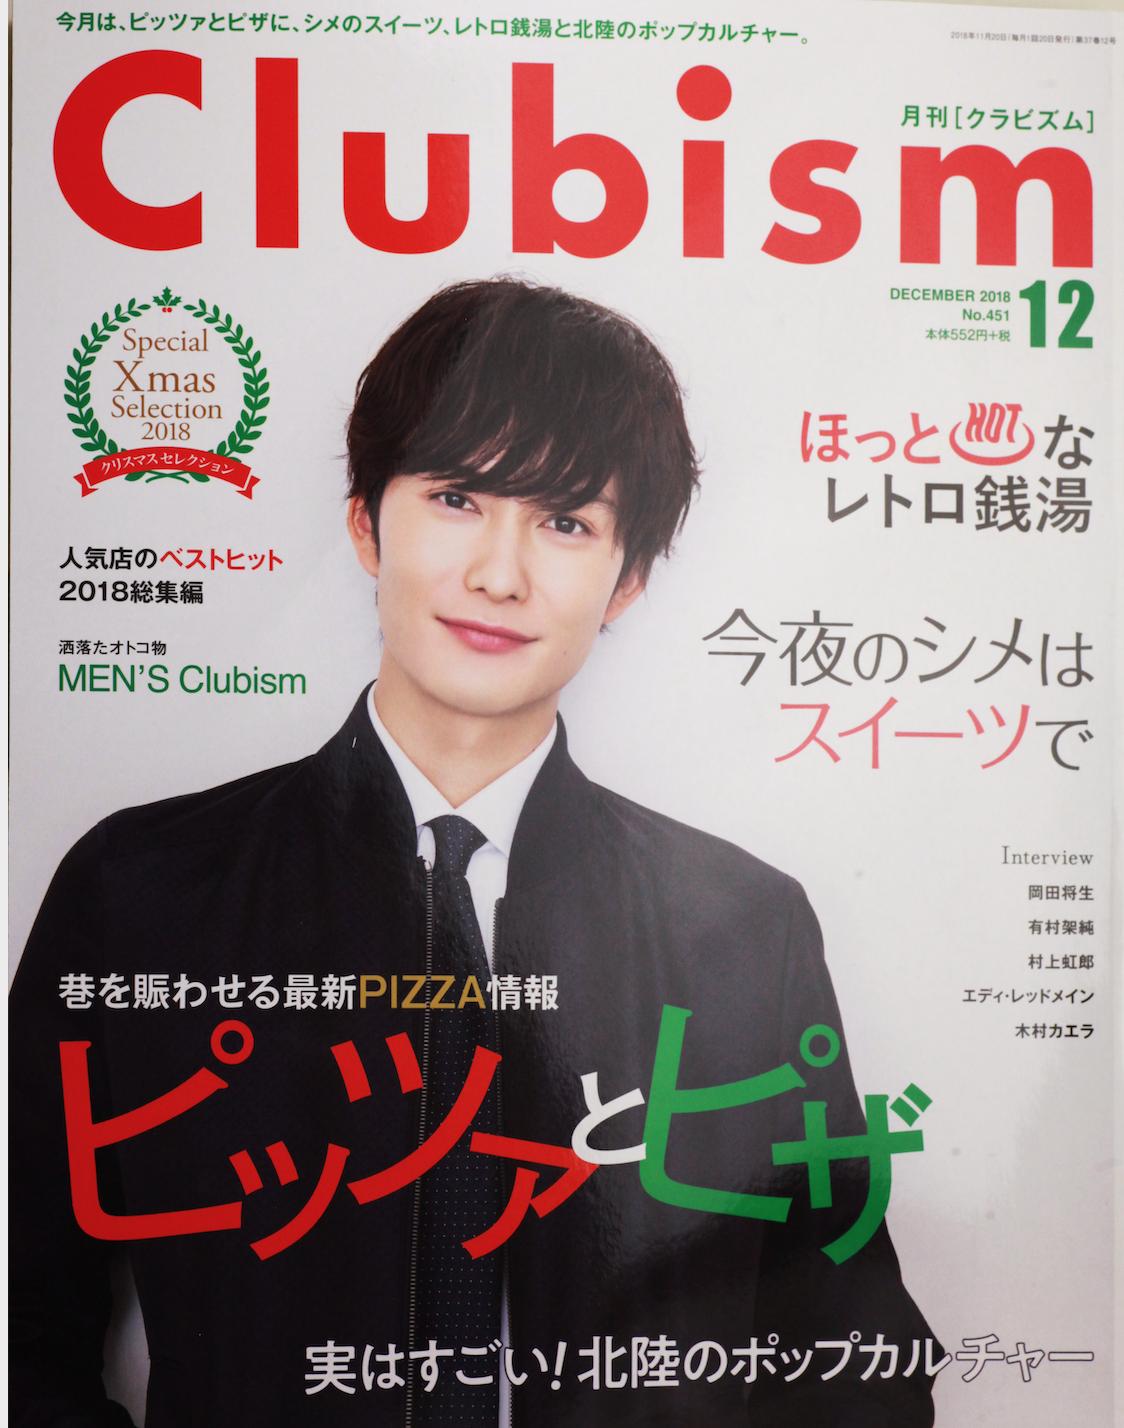 ジャンティールスタッフブログ「Clubism(クラビズム)12月号掲載のお知らせ」